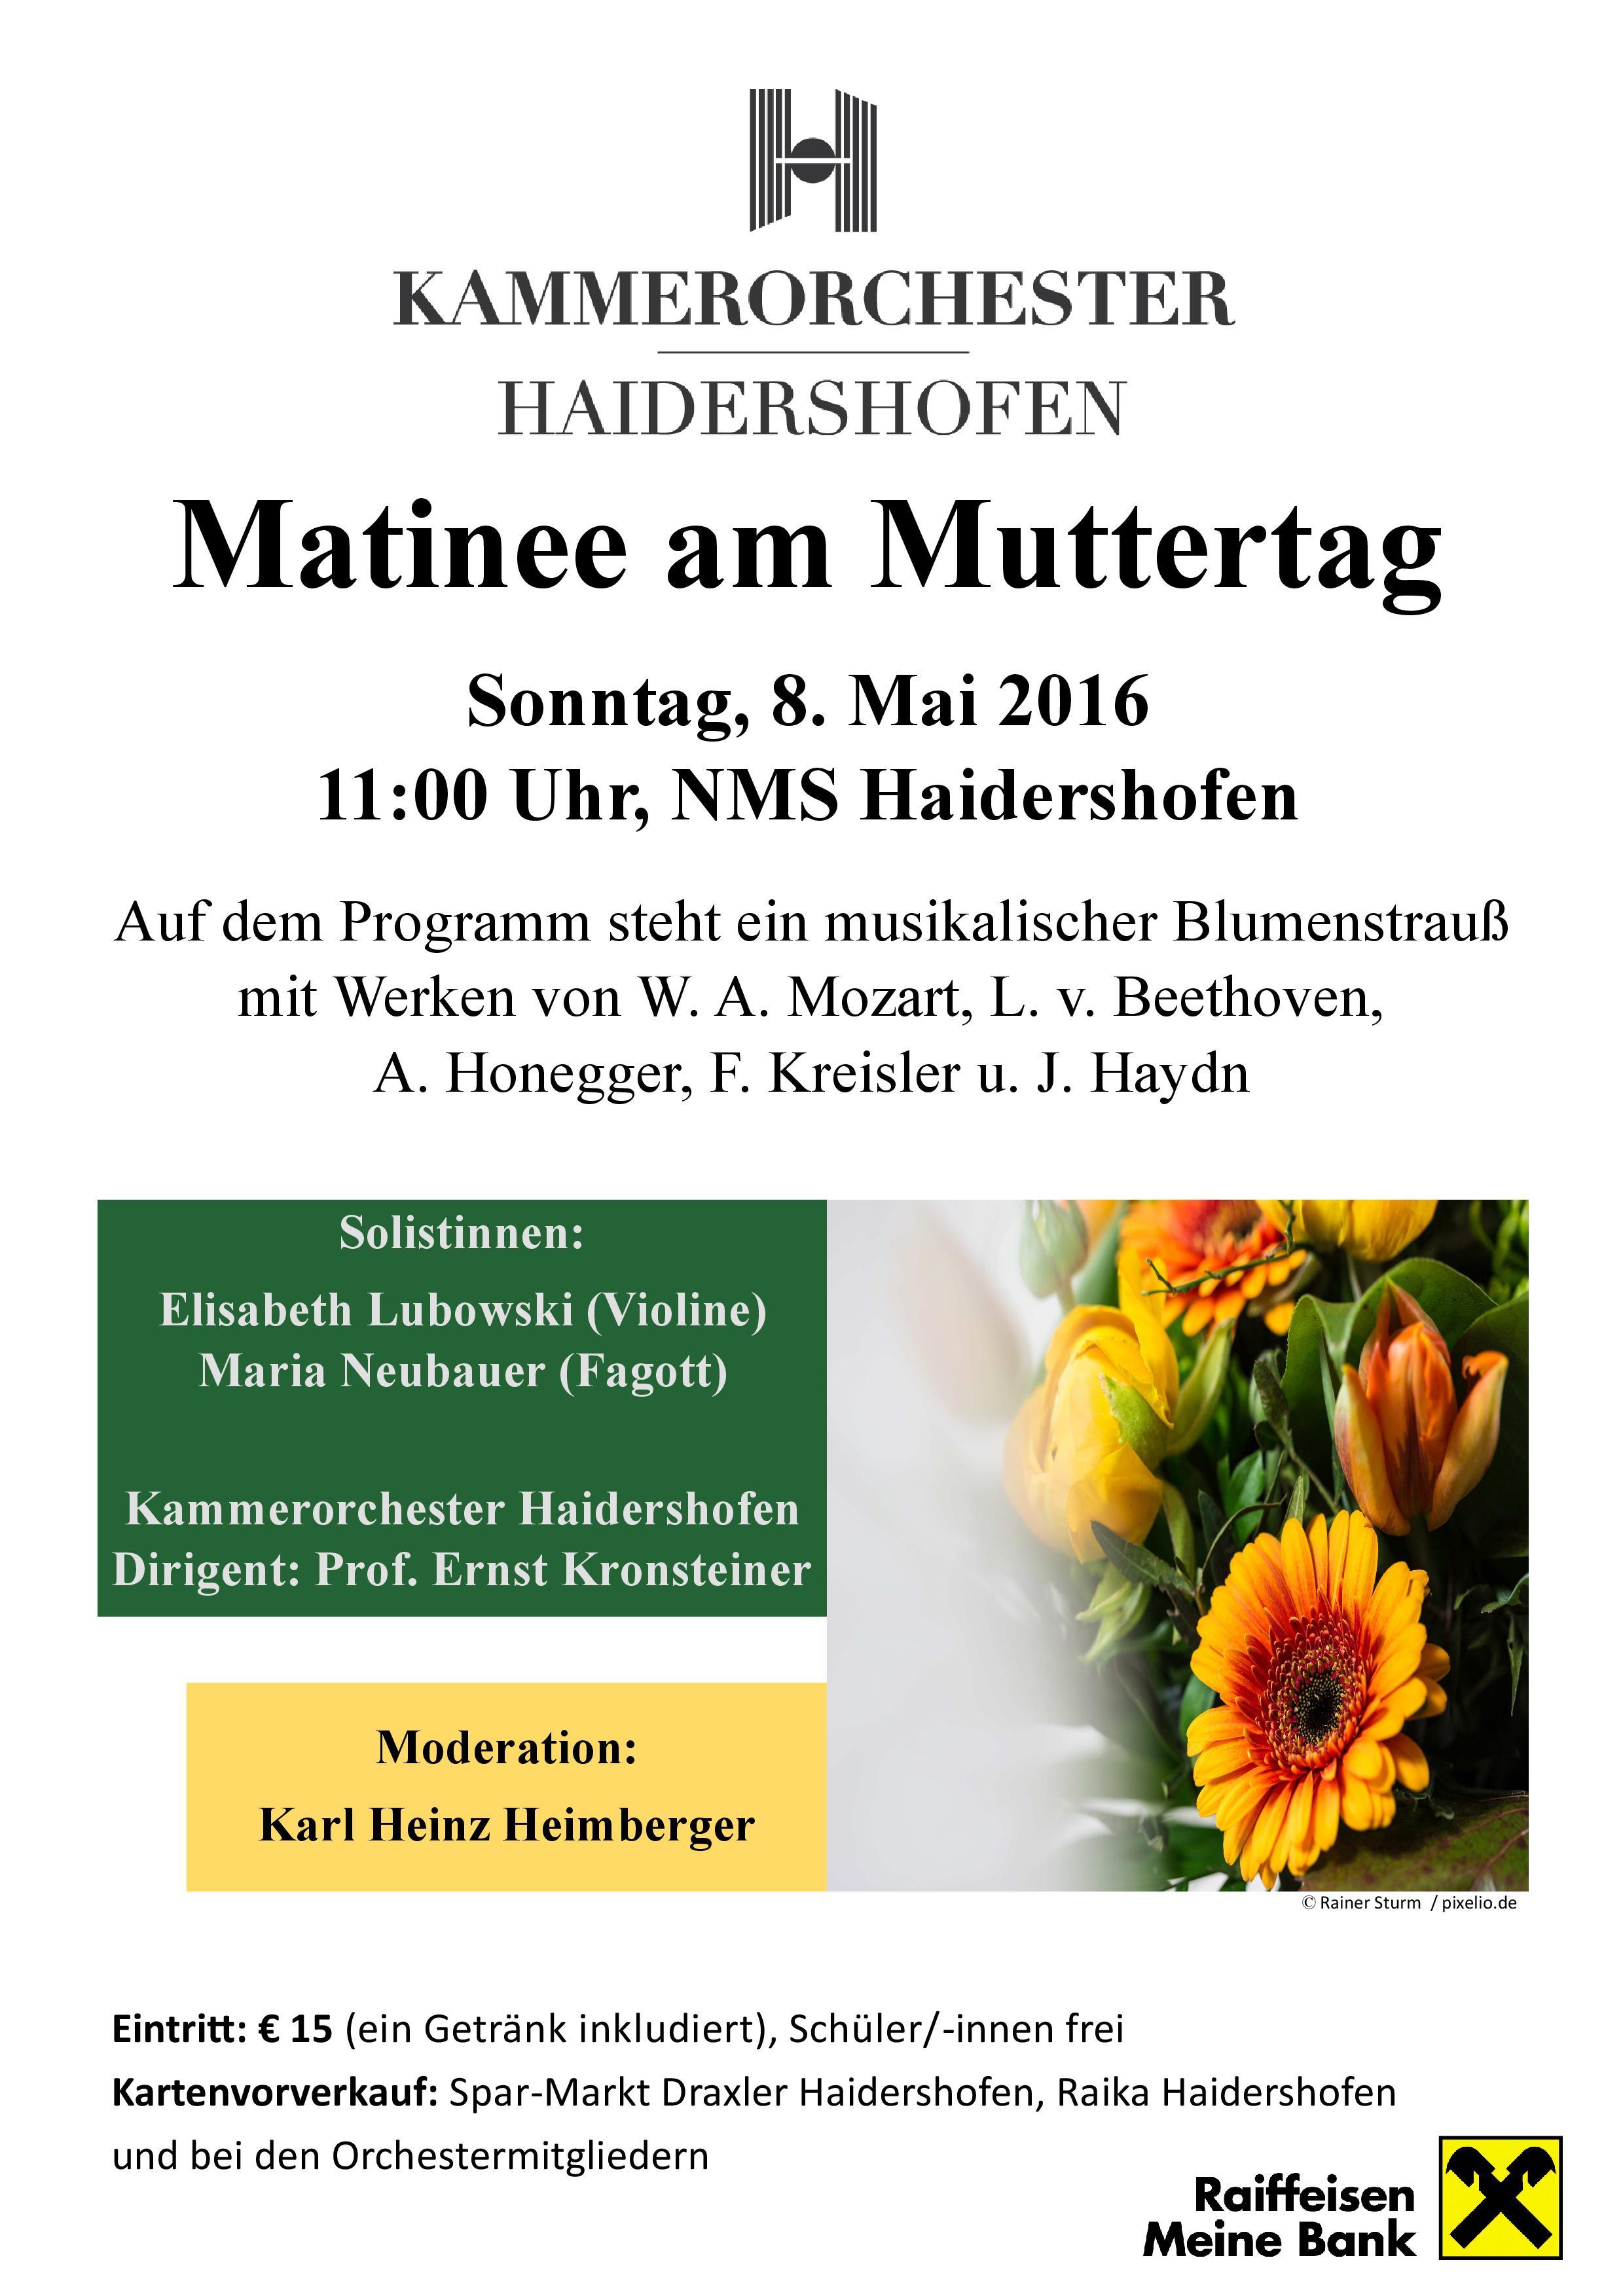 Plakat_Matinee_2016_Kammerorchester-Haidershofen-page-001